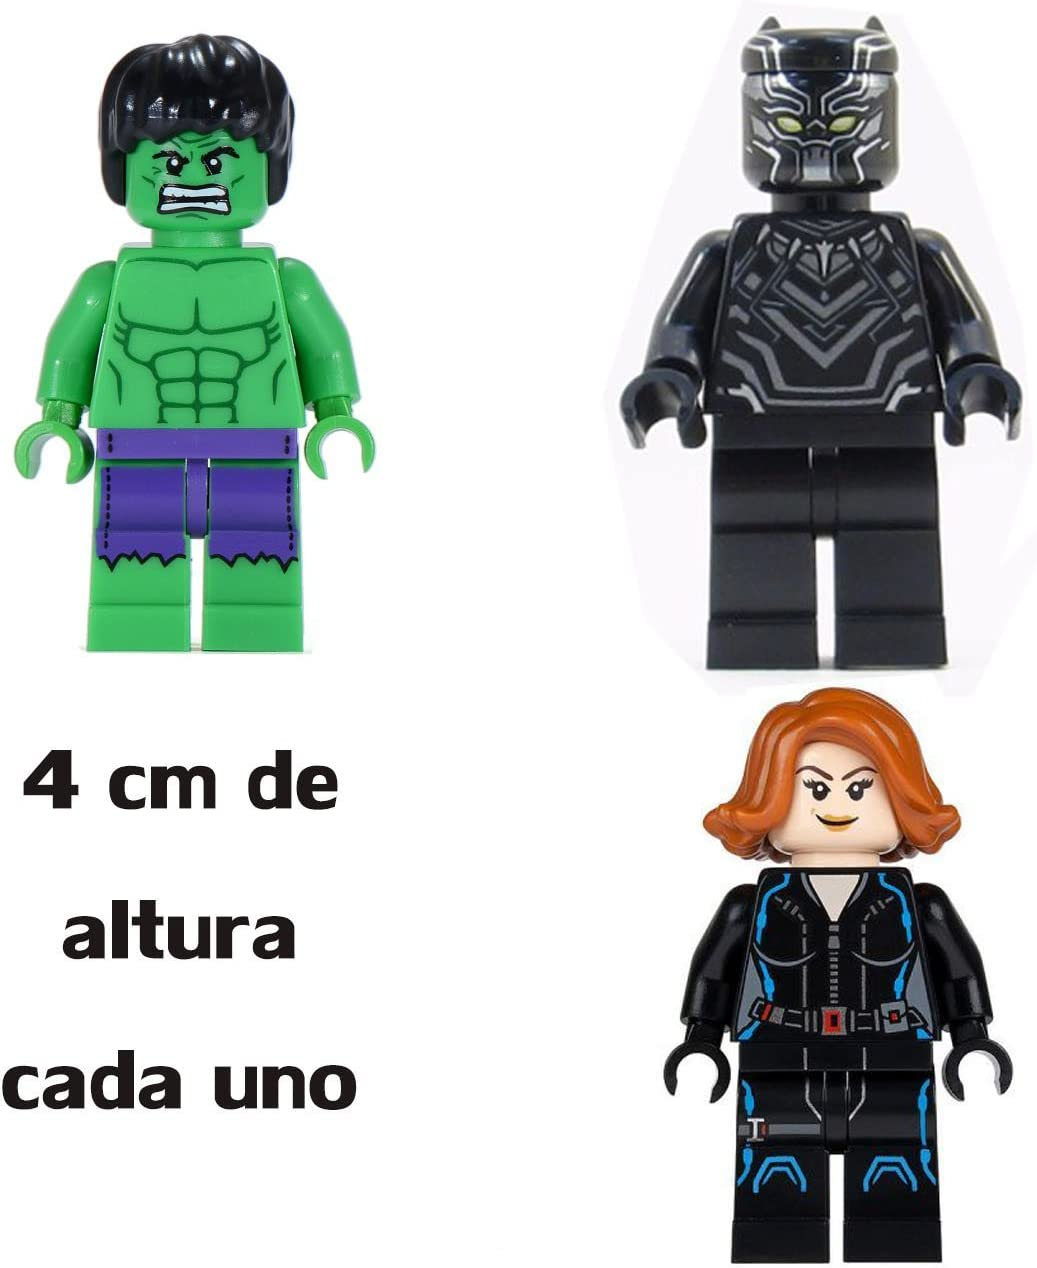 Pack Marvel / Los Vengadores: Pantera Negra, Viuda Negra y Hulk - Figuras 4 cm (compatible con lego) …: Amazon.es: Juguetes y juegos